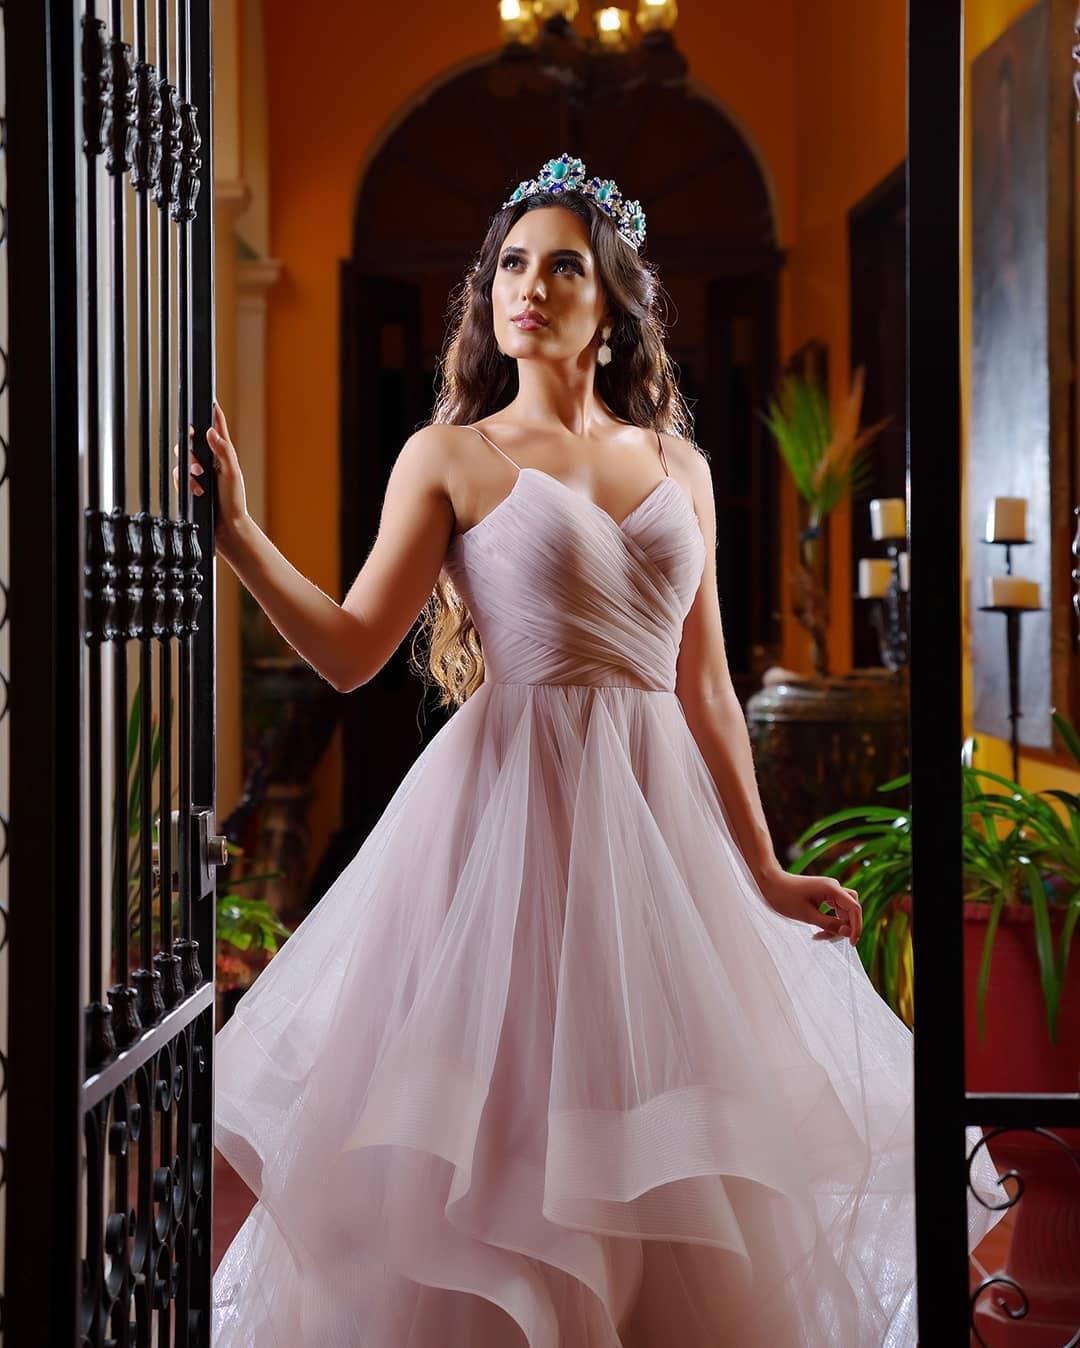 karolina vidales, candidata a miss mexico 2020, representando michoacan. - Página 9 69030410